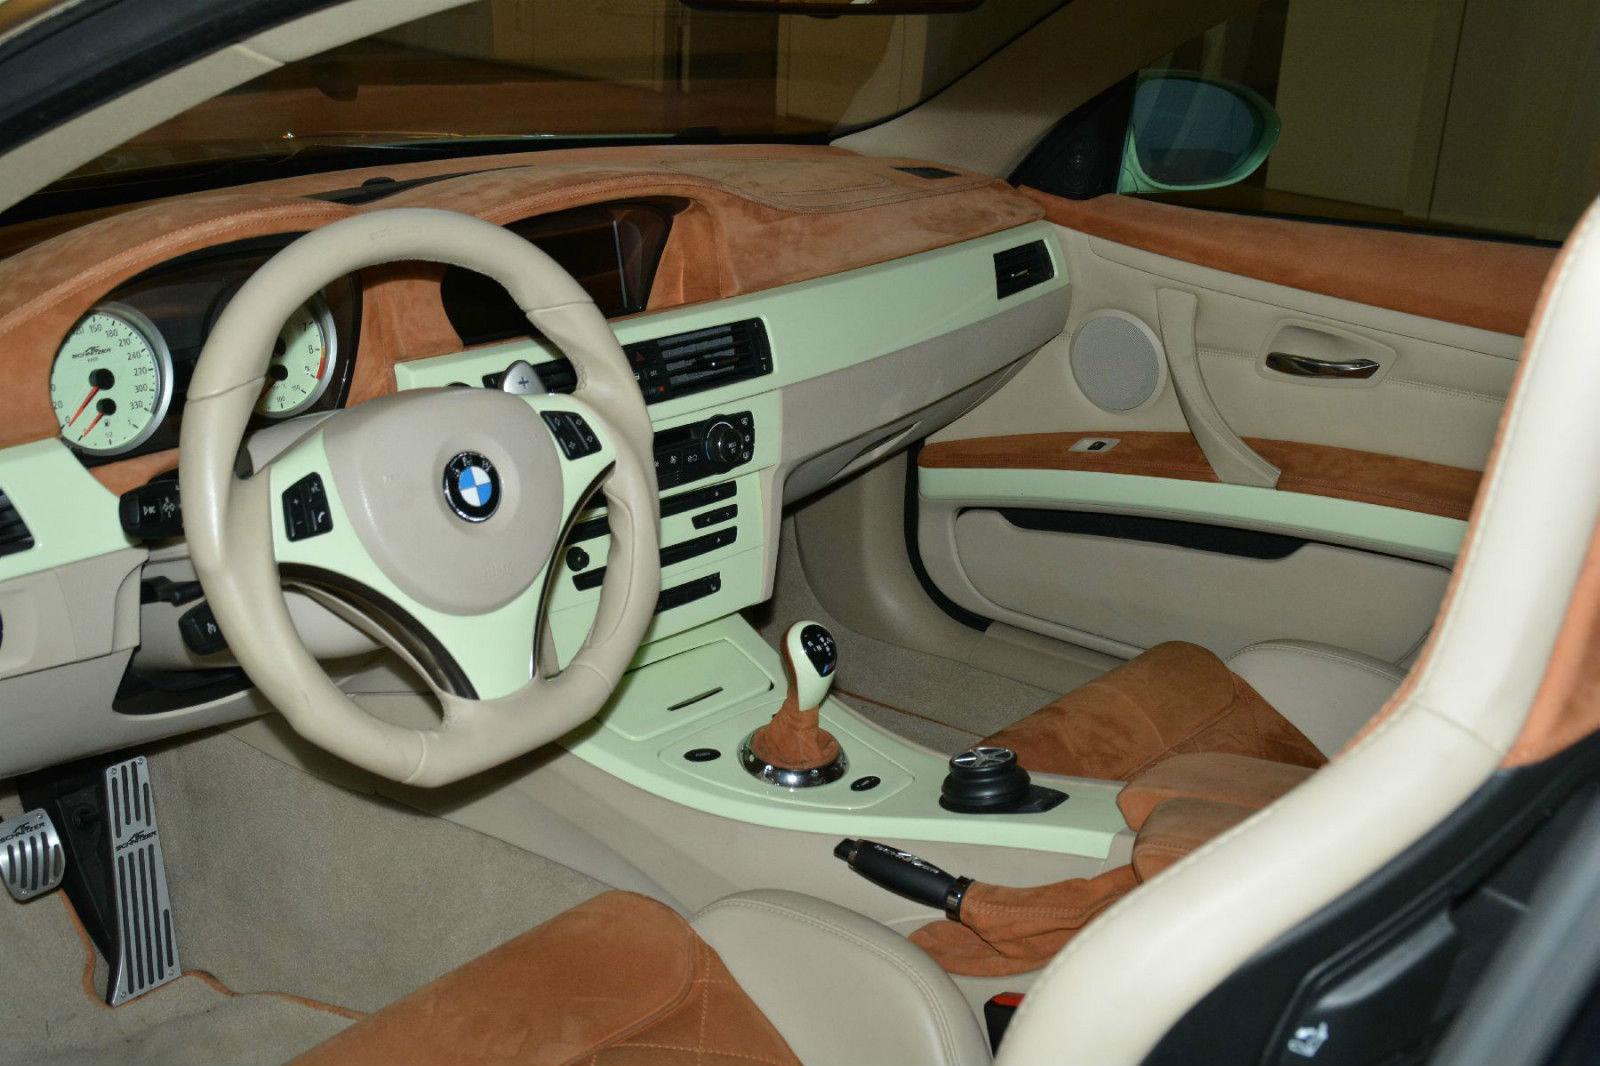 АС Шнитцер ГП 3.10 основанный на BMW Е92 335i - выставлен на продажу - фотография №9